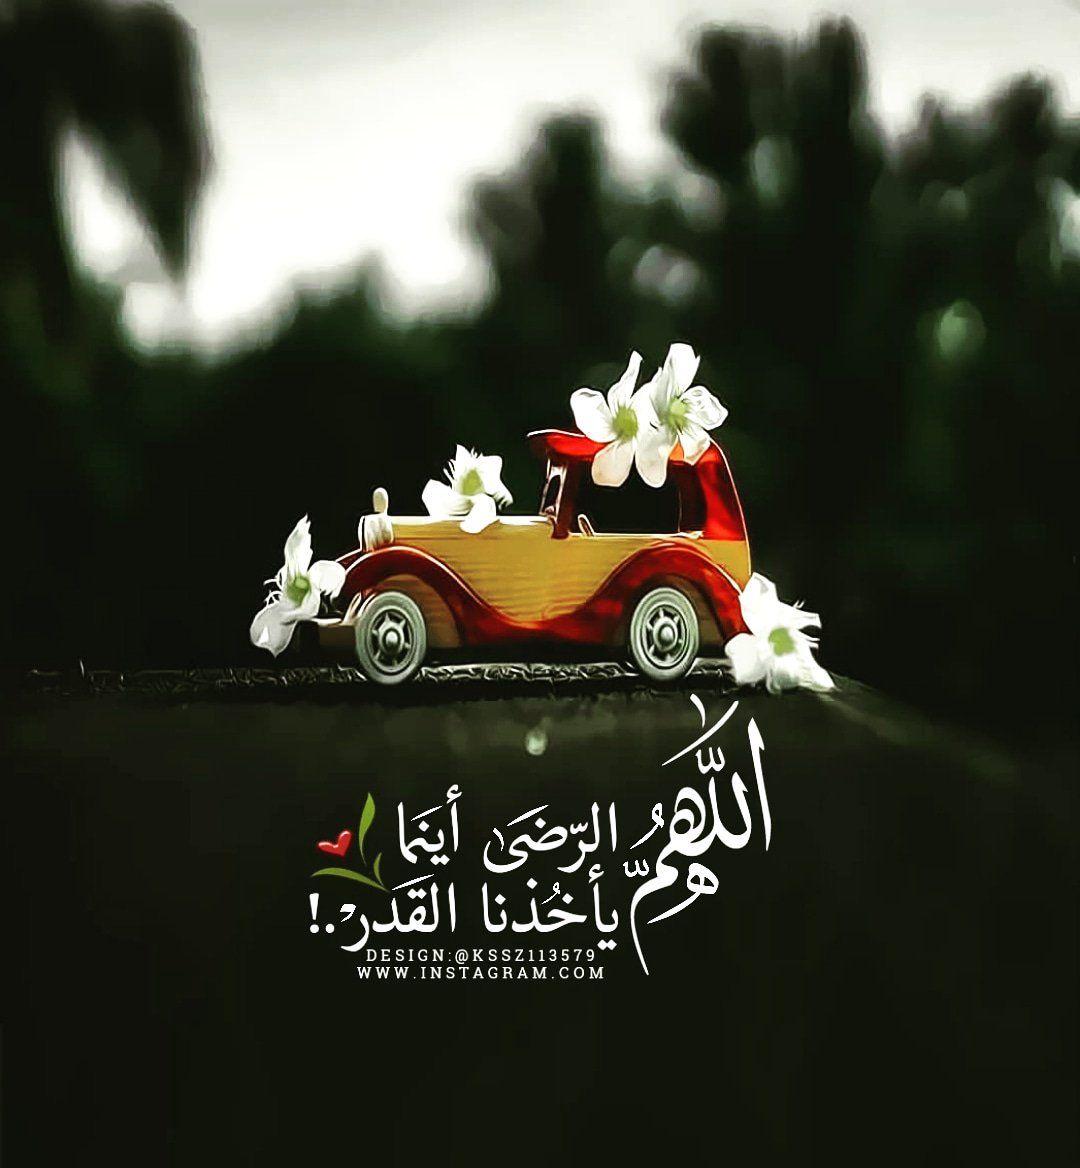 تغريدات الوسائط عن طريق خالد الزهراني Kssz13579 تويتر Beautiful Quran Quotes One Word Quotes Love Quotes Wallpaper